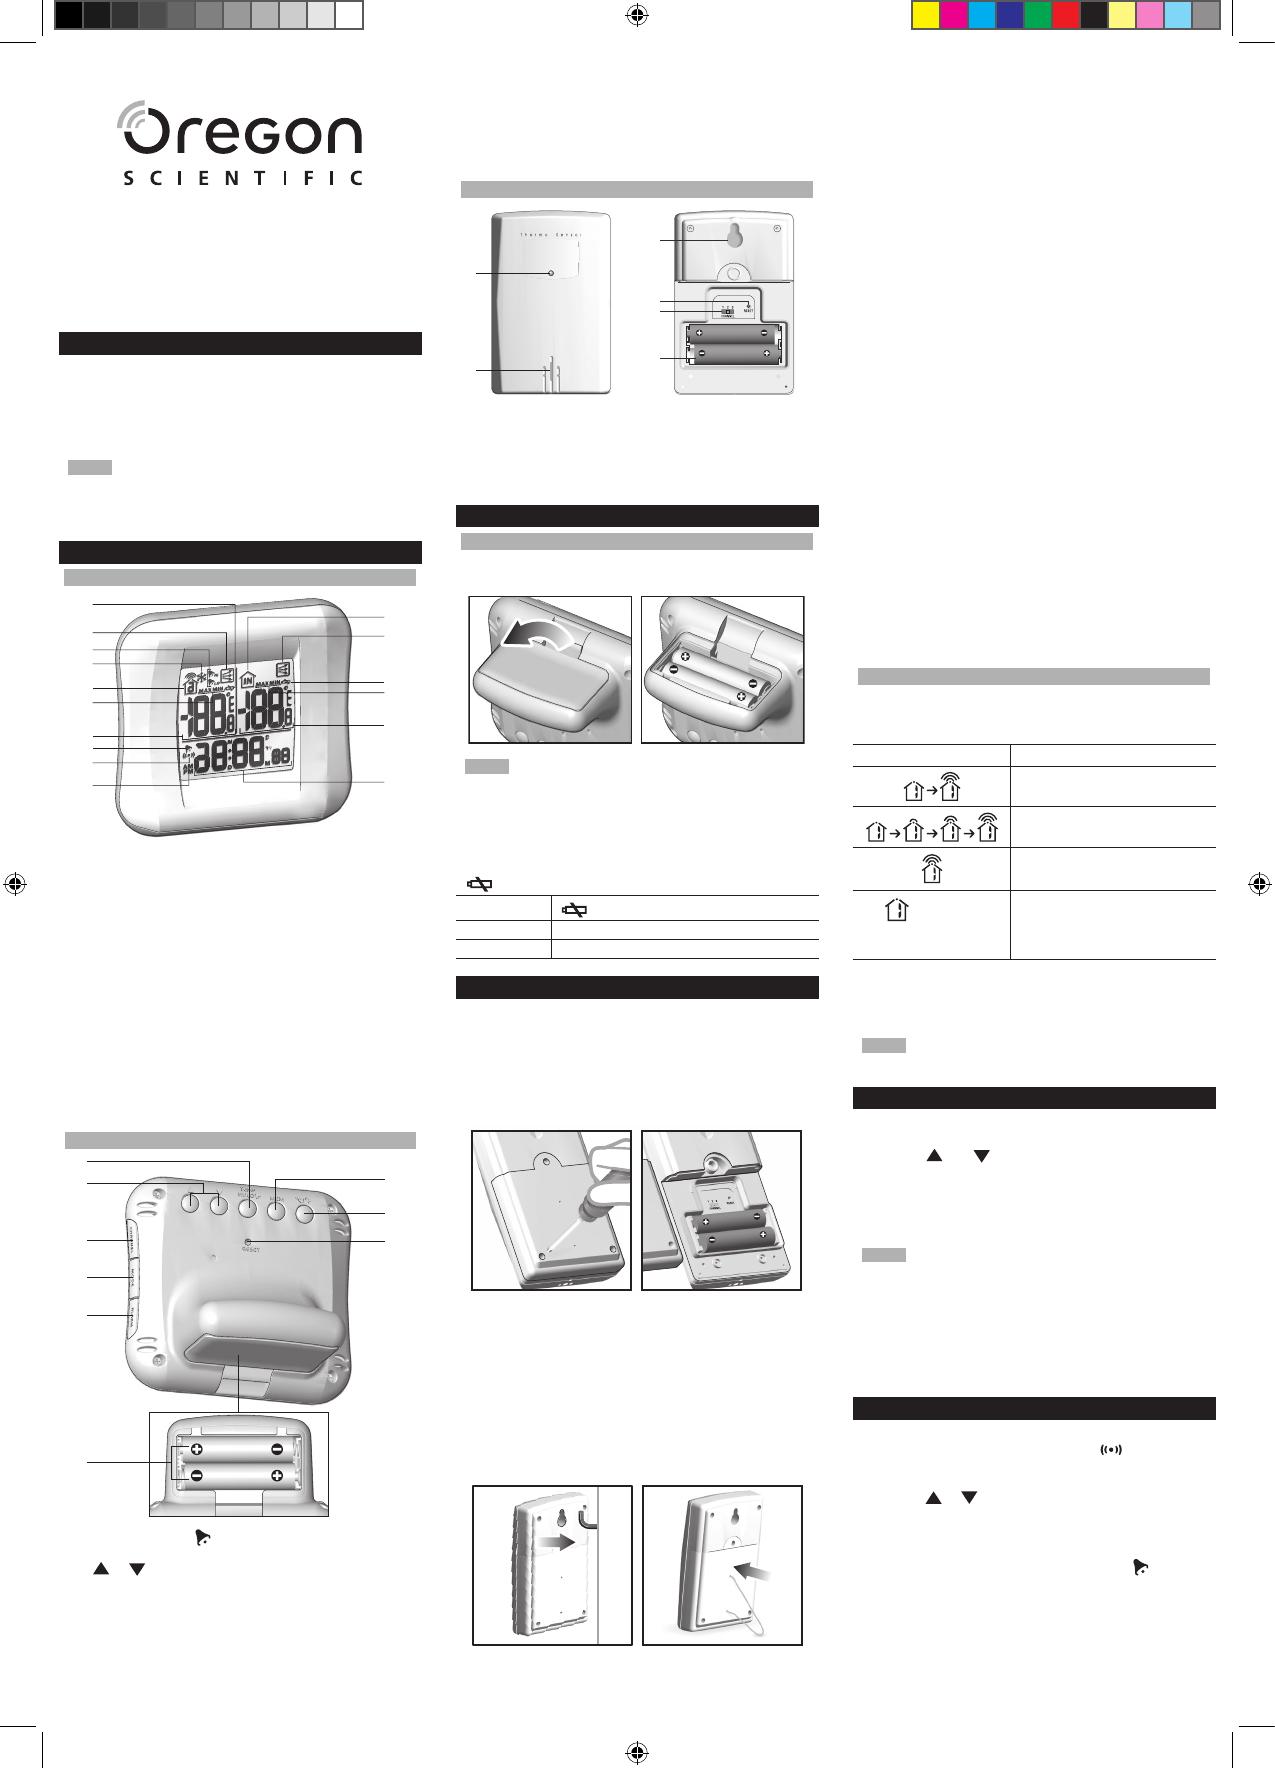 oregon scientific thermometer rar681 user guide manualsonline com rh personalcare manualsonline com